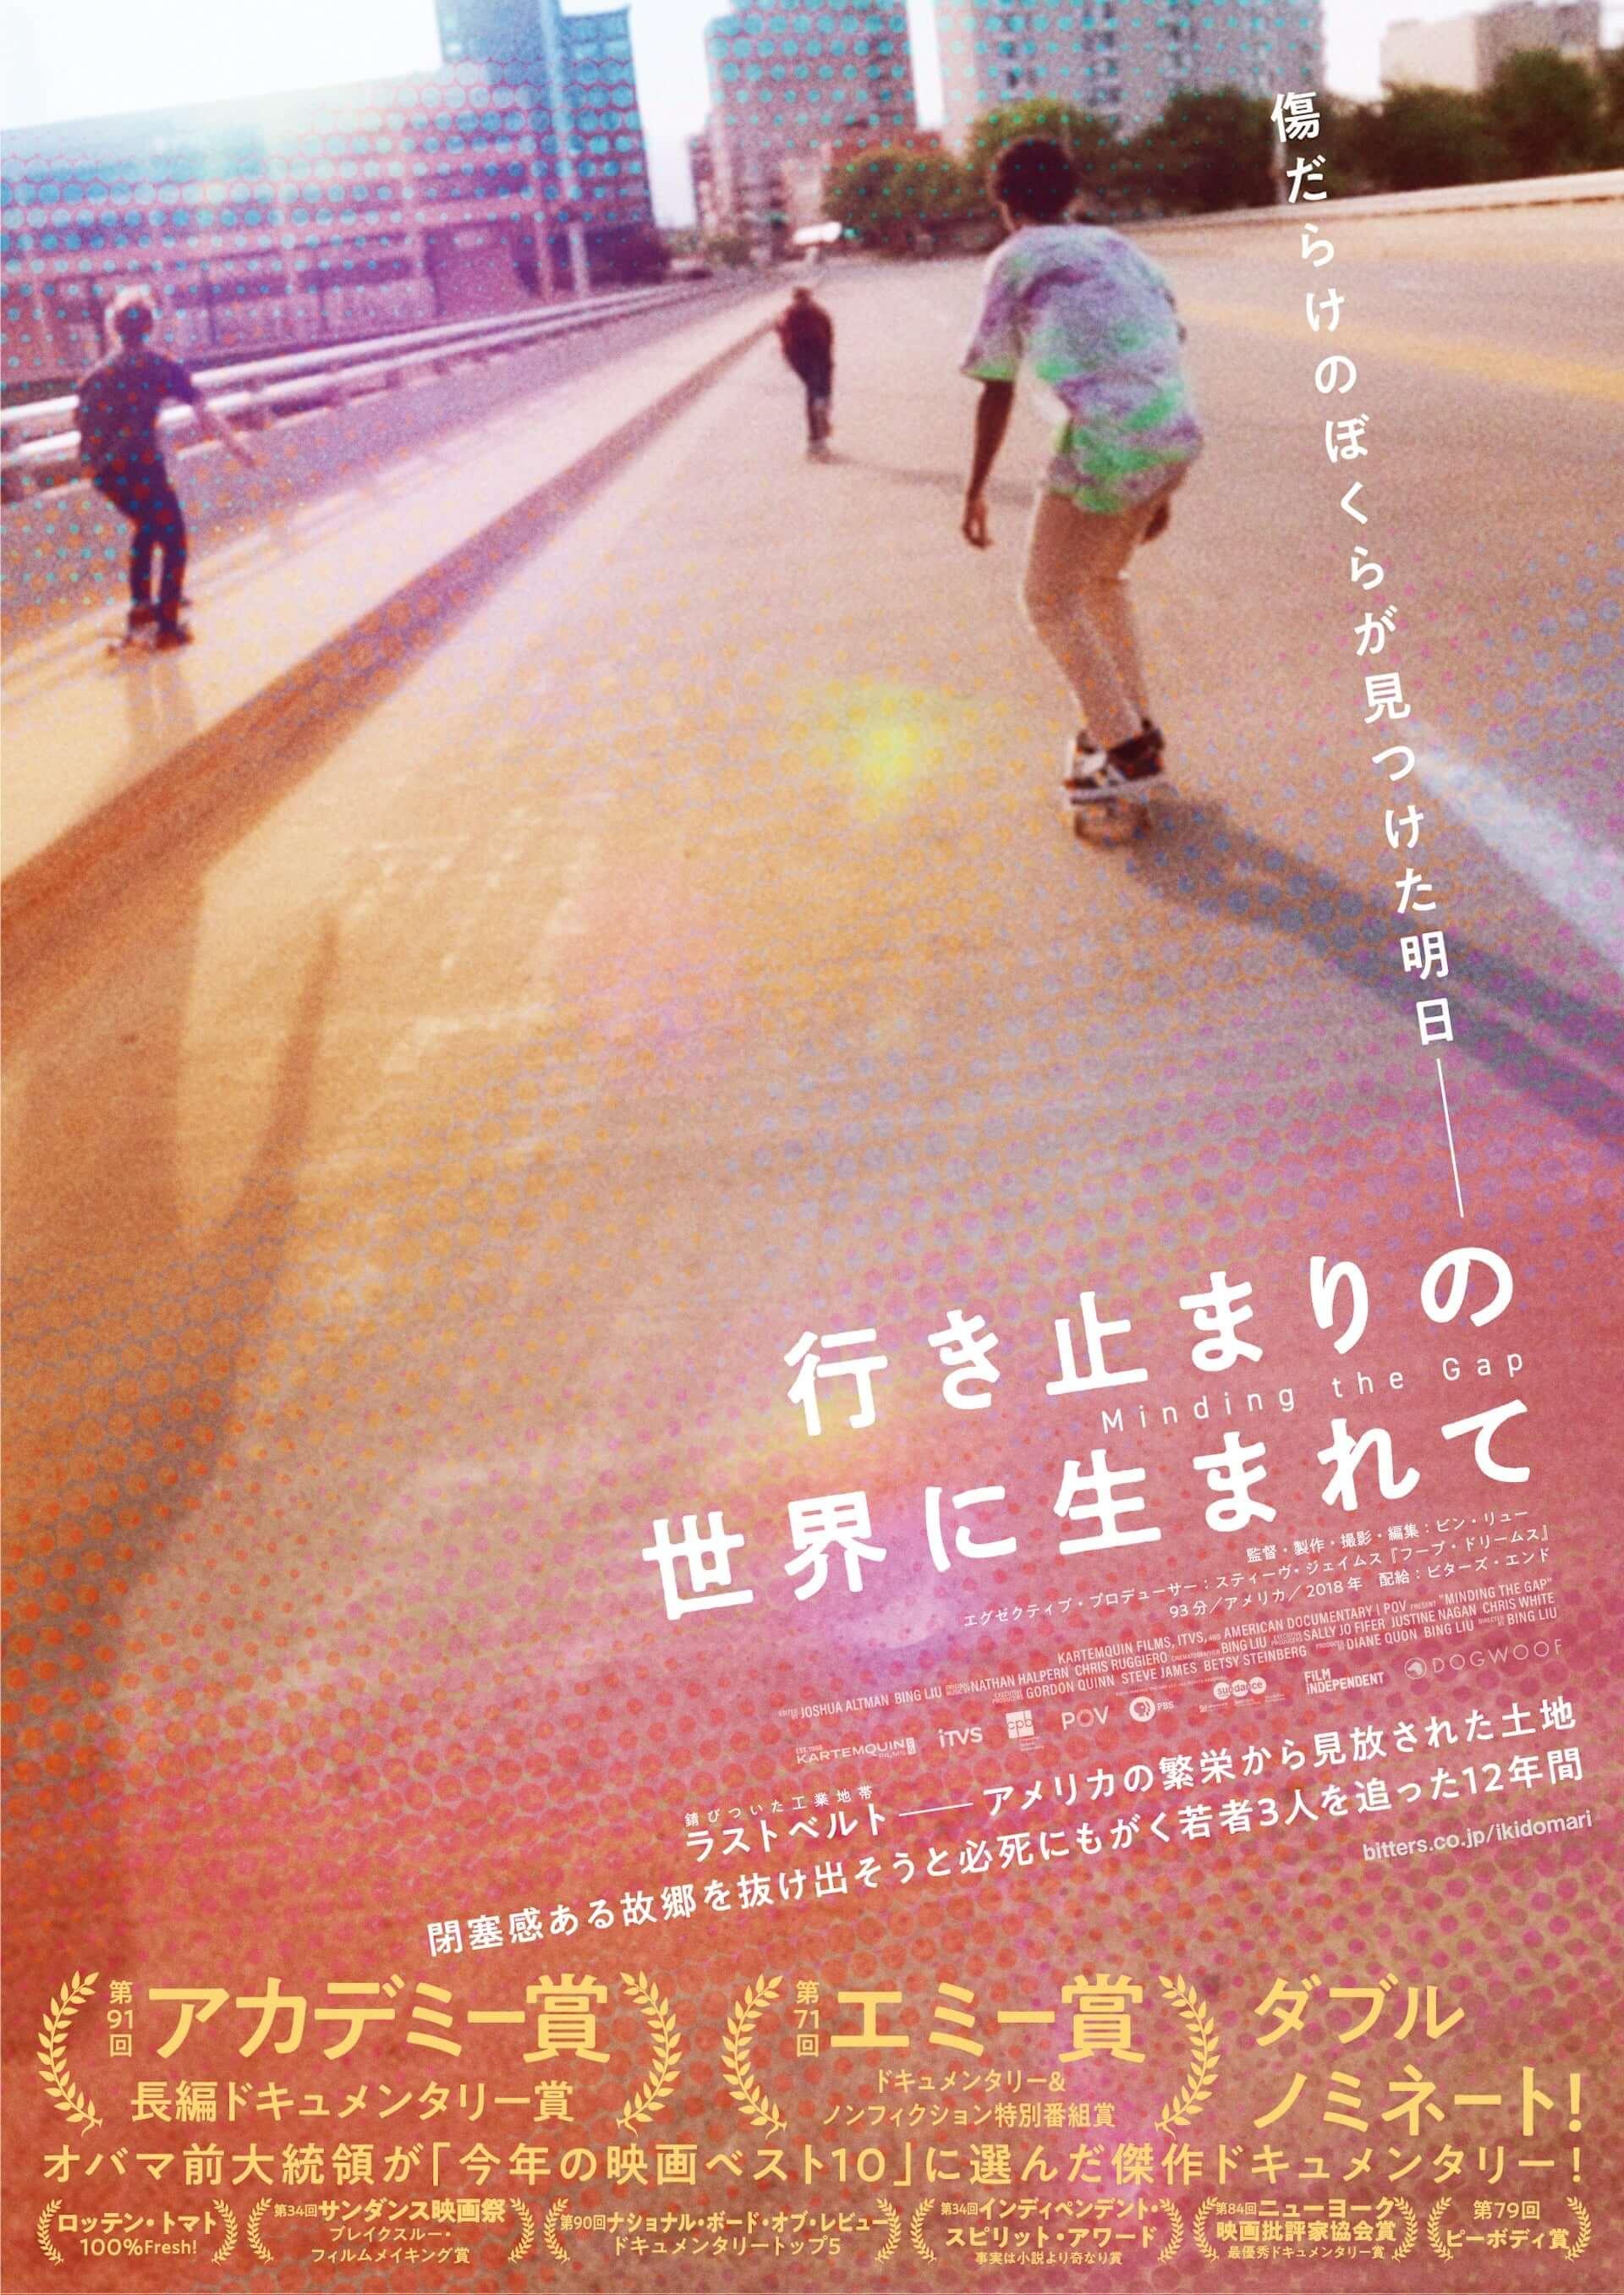 映画『行き止まりの世界に生まれて』を通して現代アメリカを知ろう!ダースレイダーと前嶋和弘が公開記念トークライブを実施 film200819_ikidomari_1-1-1920x2713